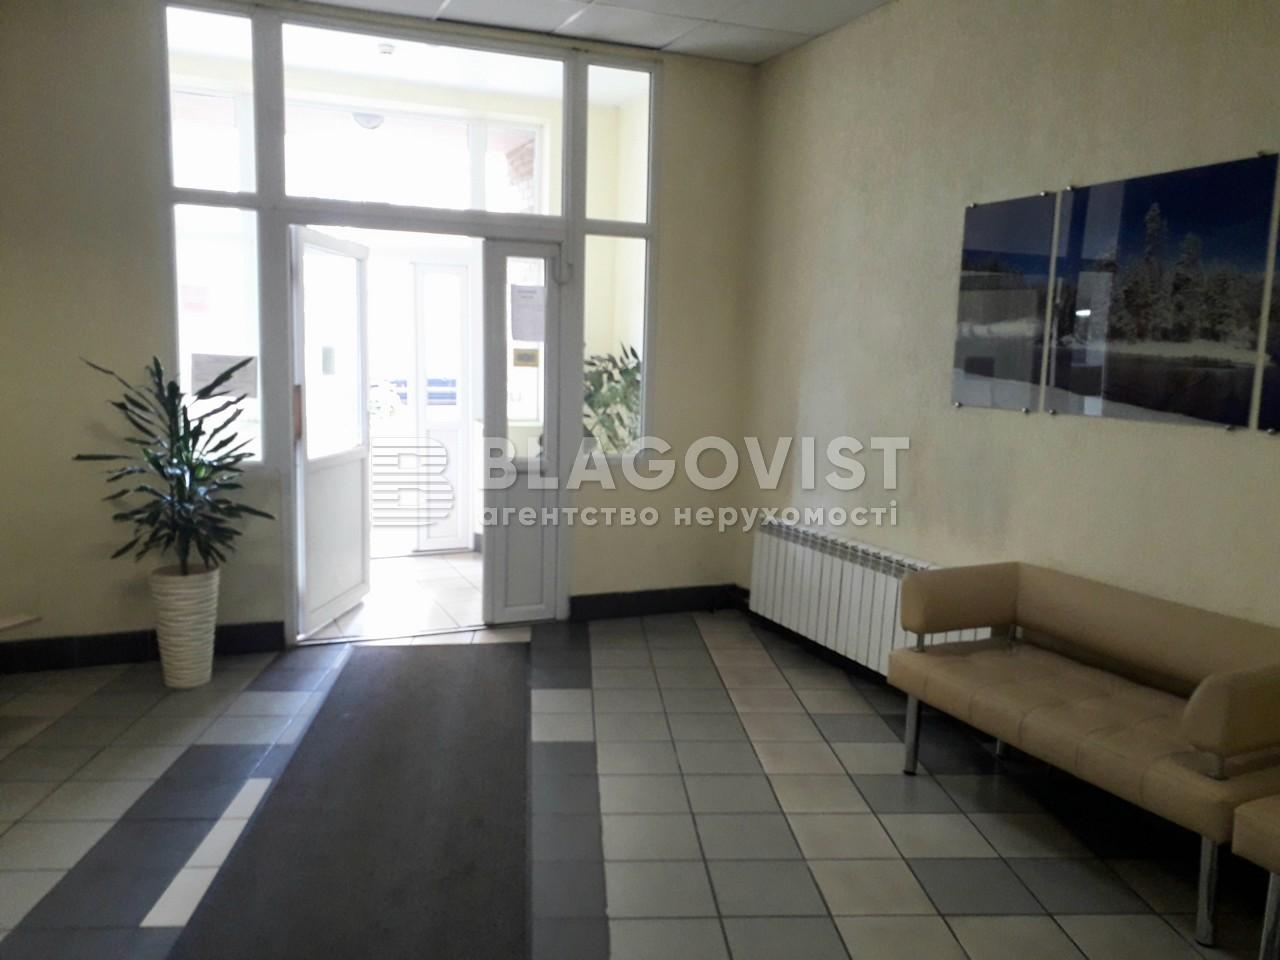 Квартира R-40203, Кудряшова, 16, Киев - Фото 26